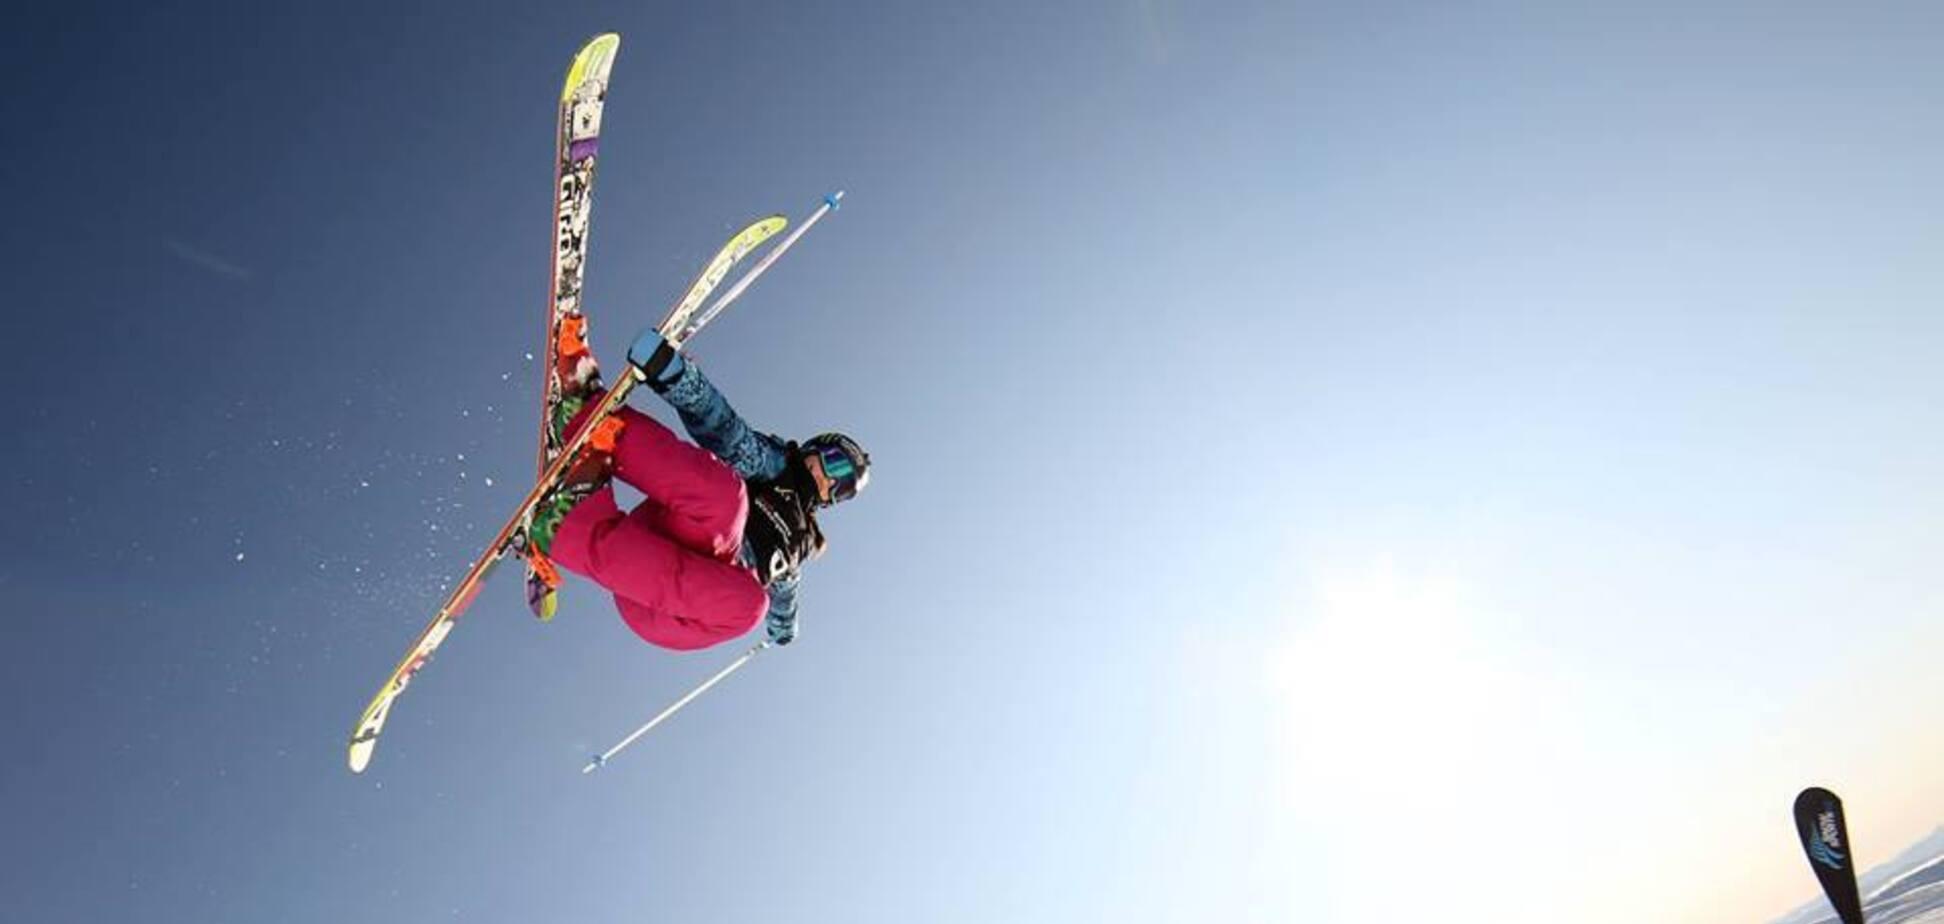 Призер Олімпіади потрапив у реанімацію, намагаючись встановити світовий рекорд